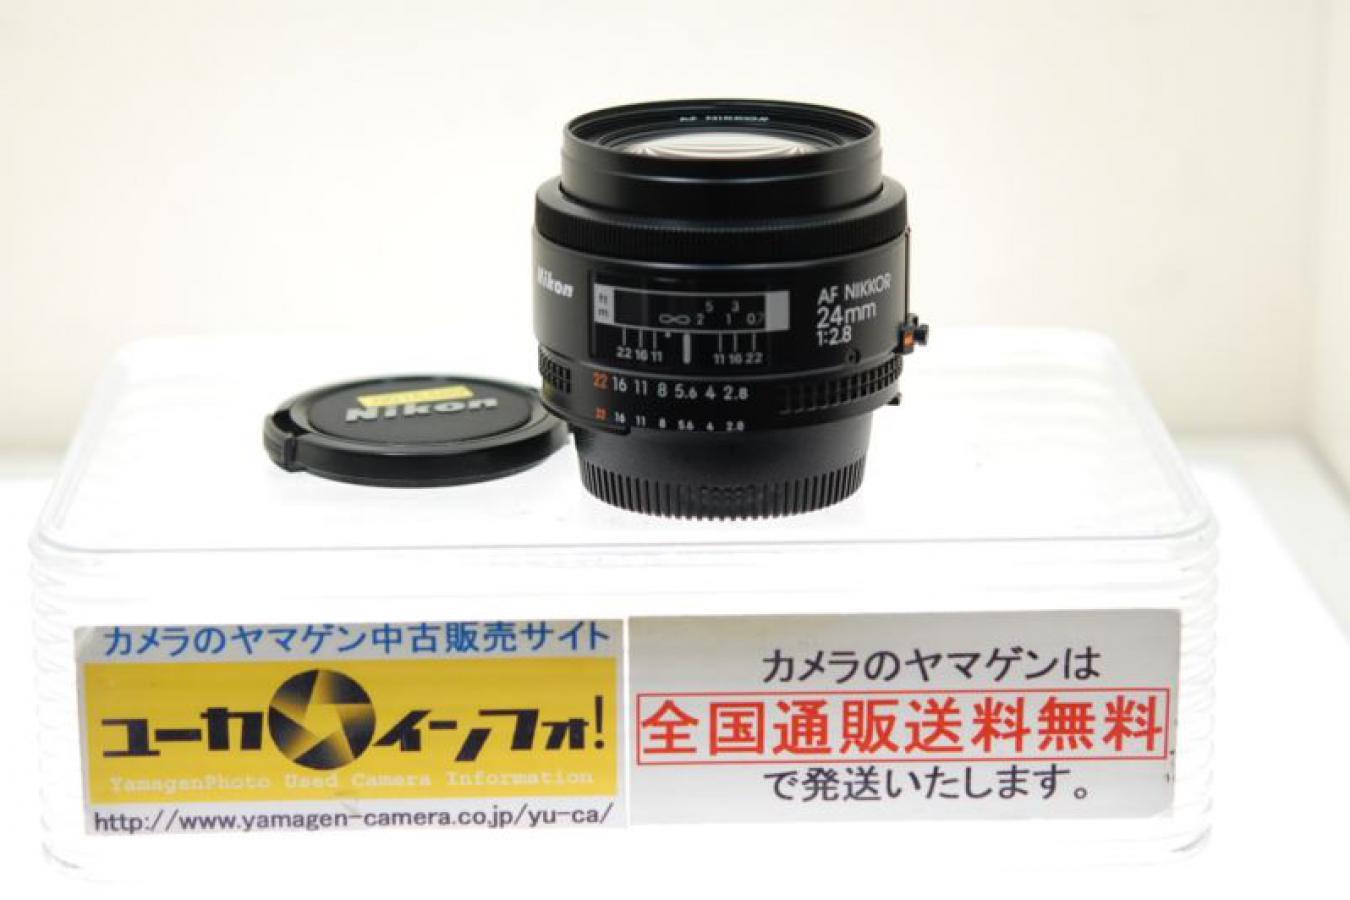 AF NIKKOR 24mm F2.8